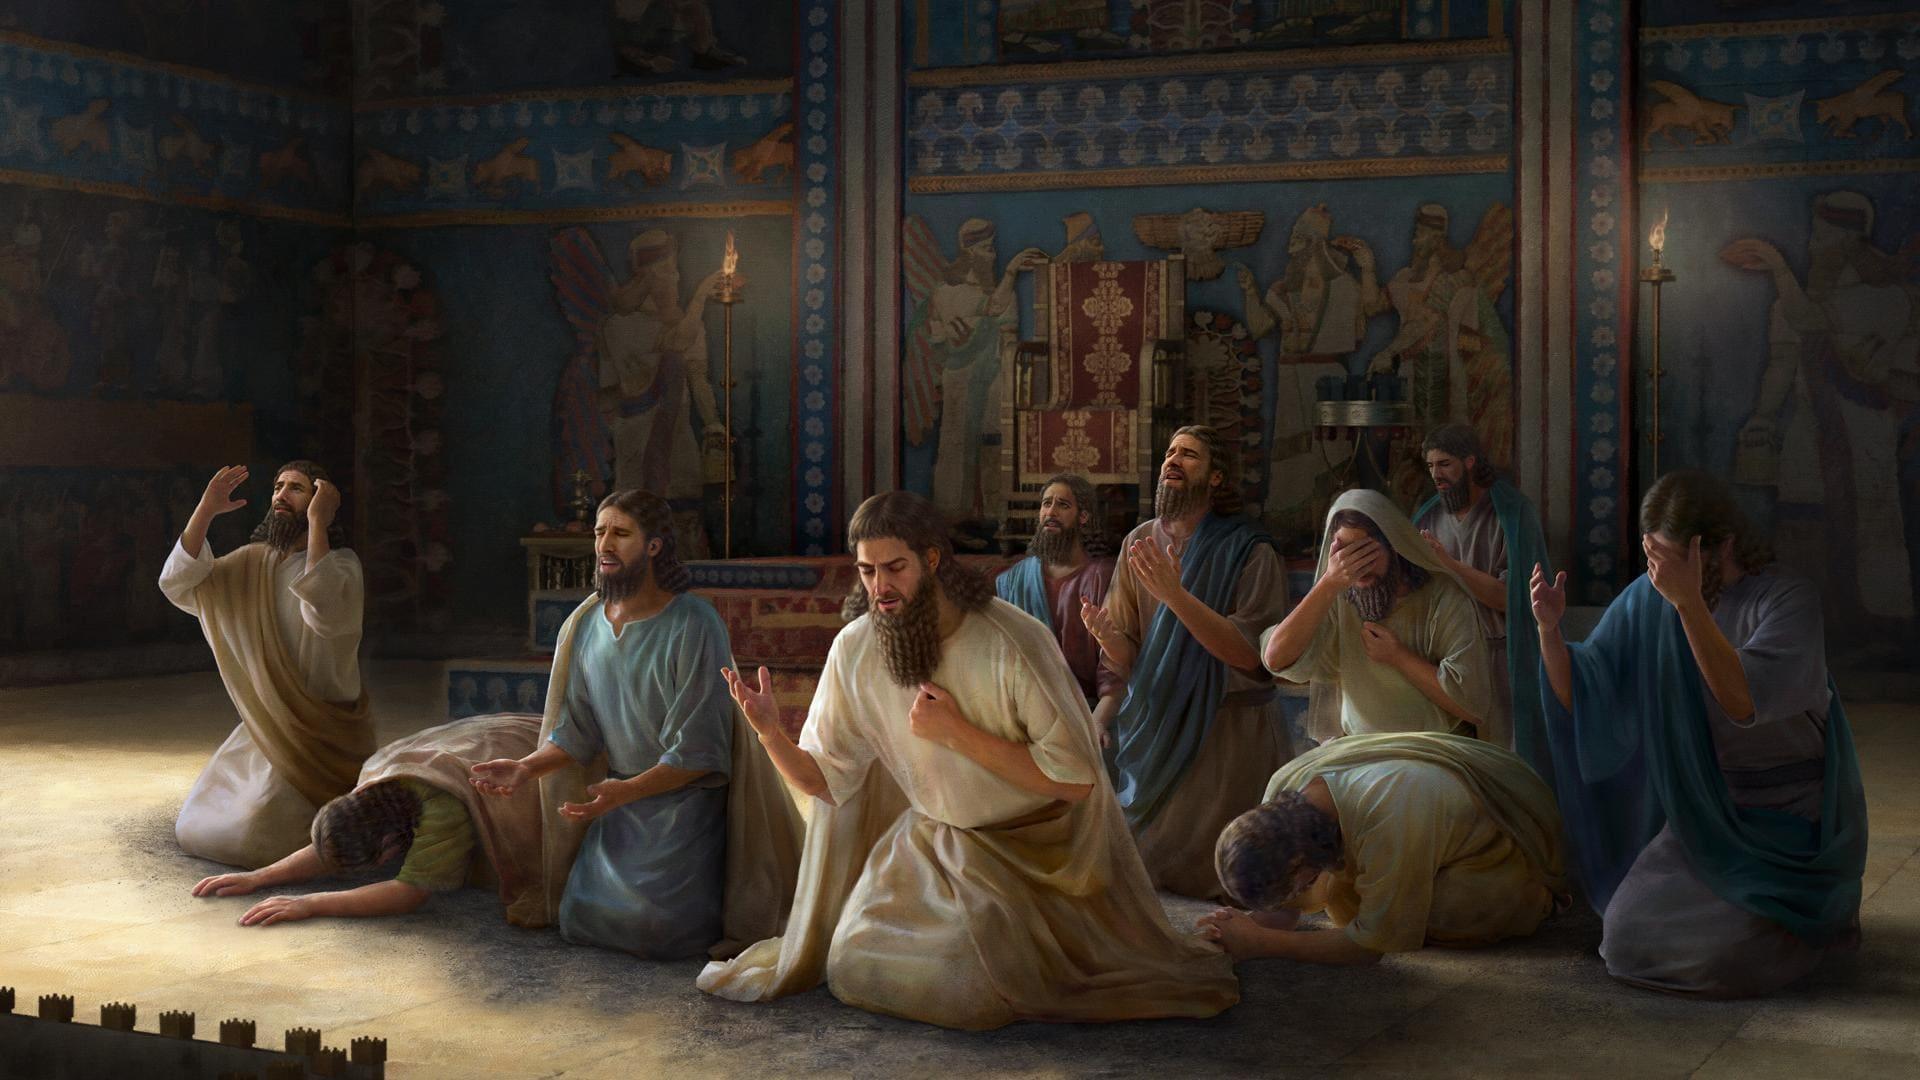 الله يرى التوبة الصادقة في صميم قلوب أهل نينوى